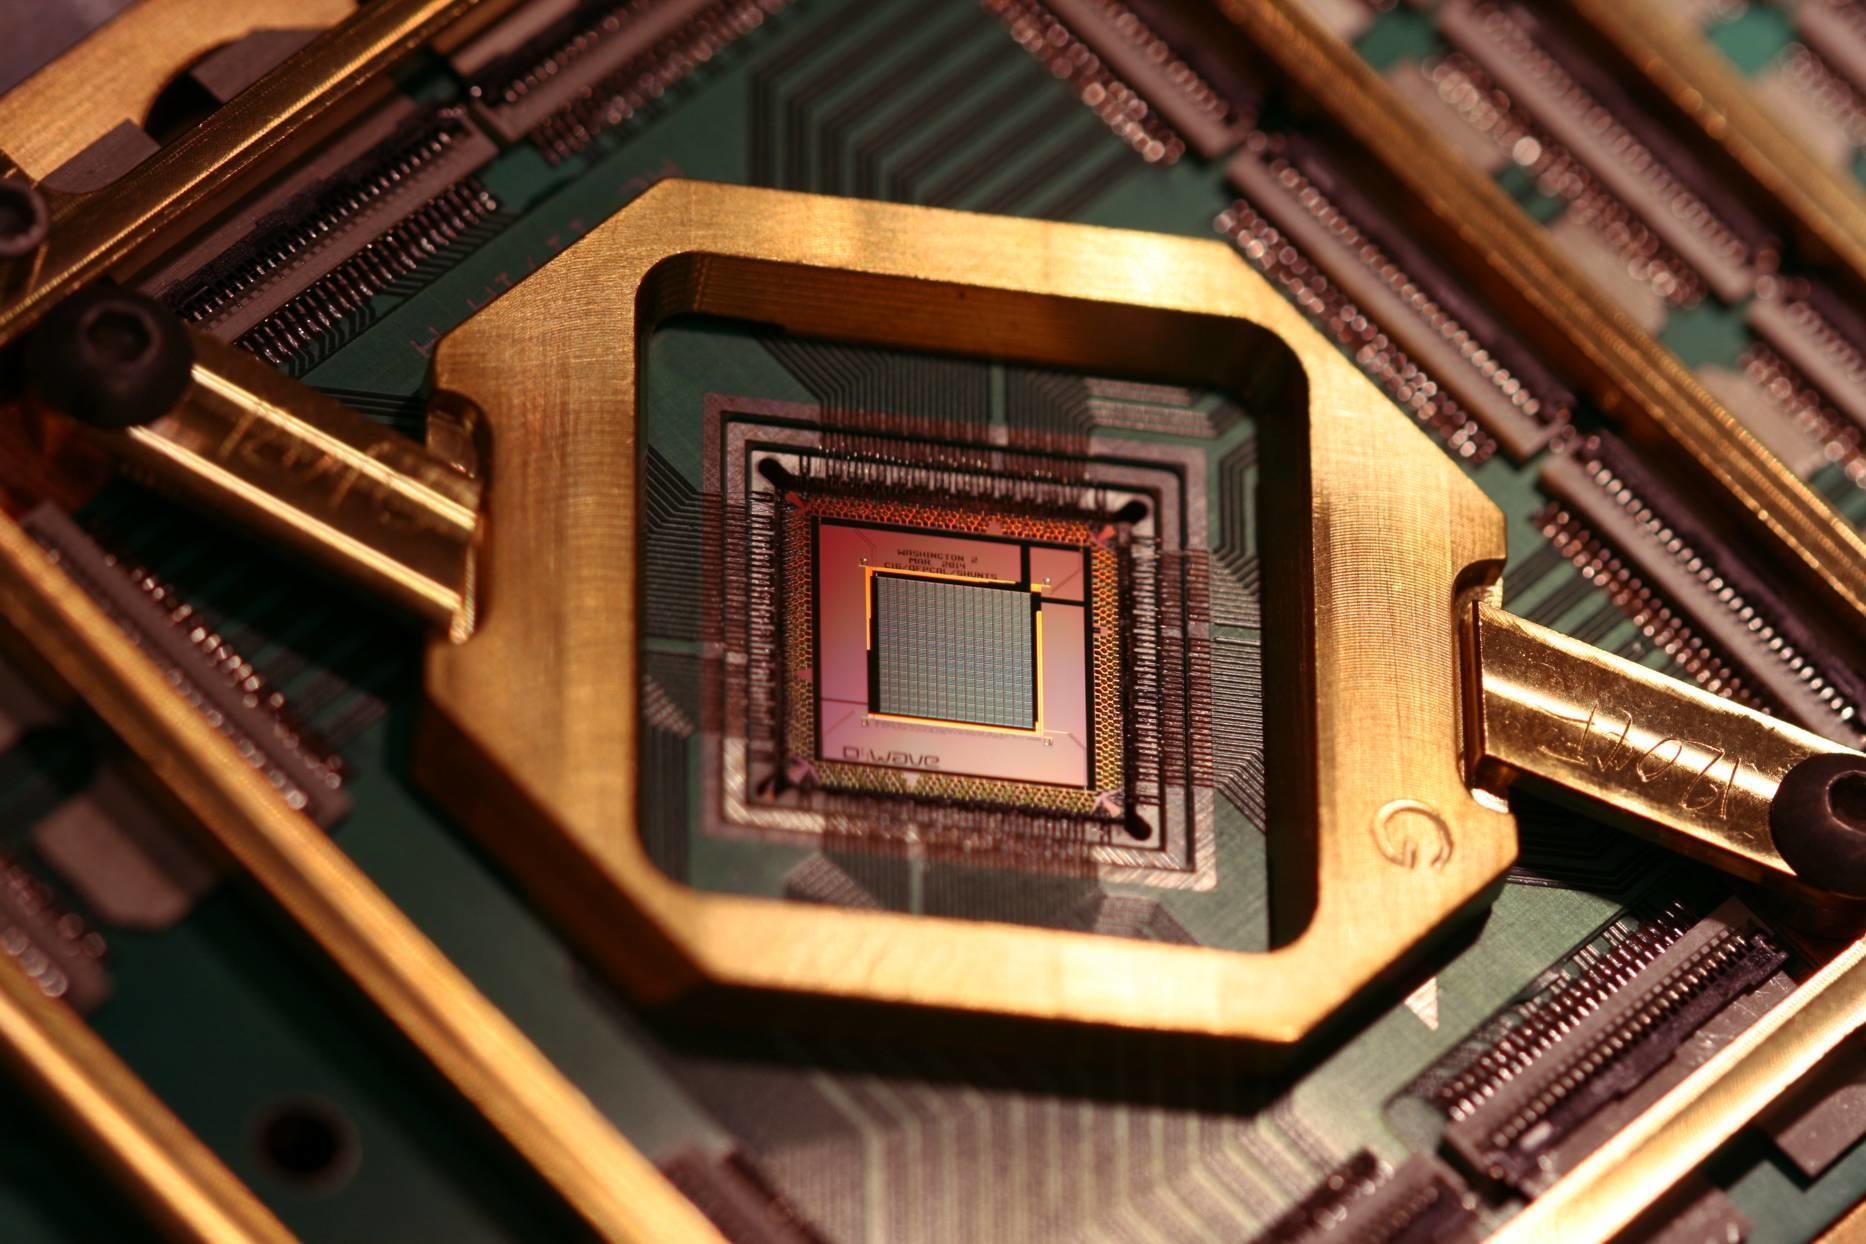 Исследователи нашли способ сделать квантовые компьютеры более доступными